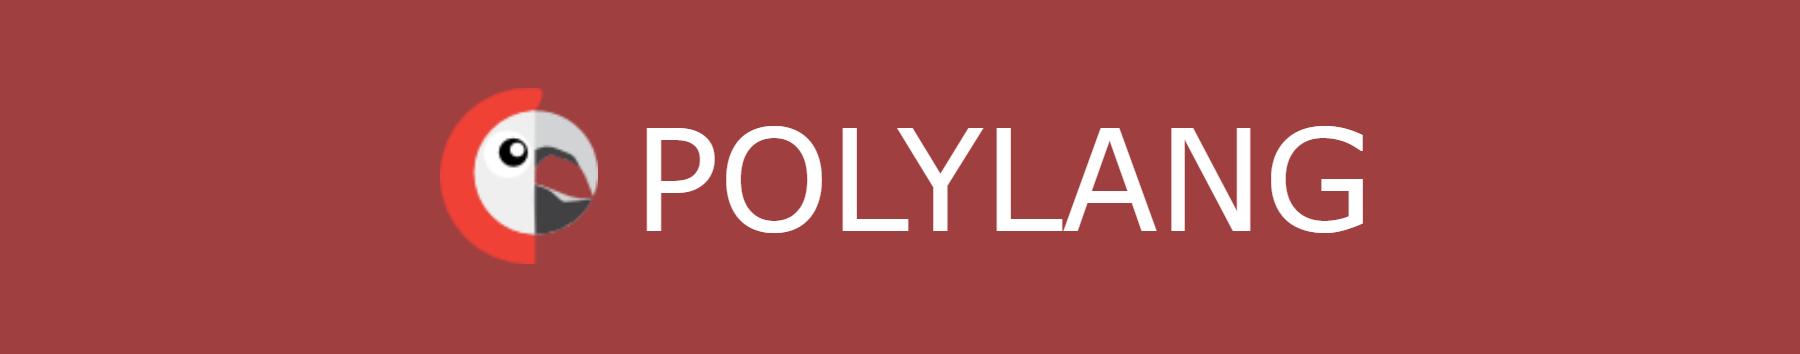 Flerspråklig Polylang-plugin-logo